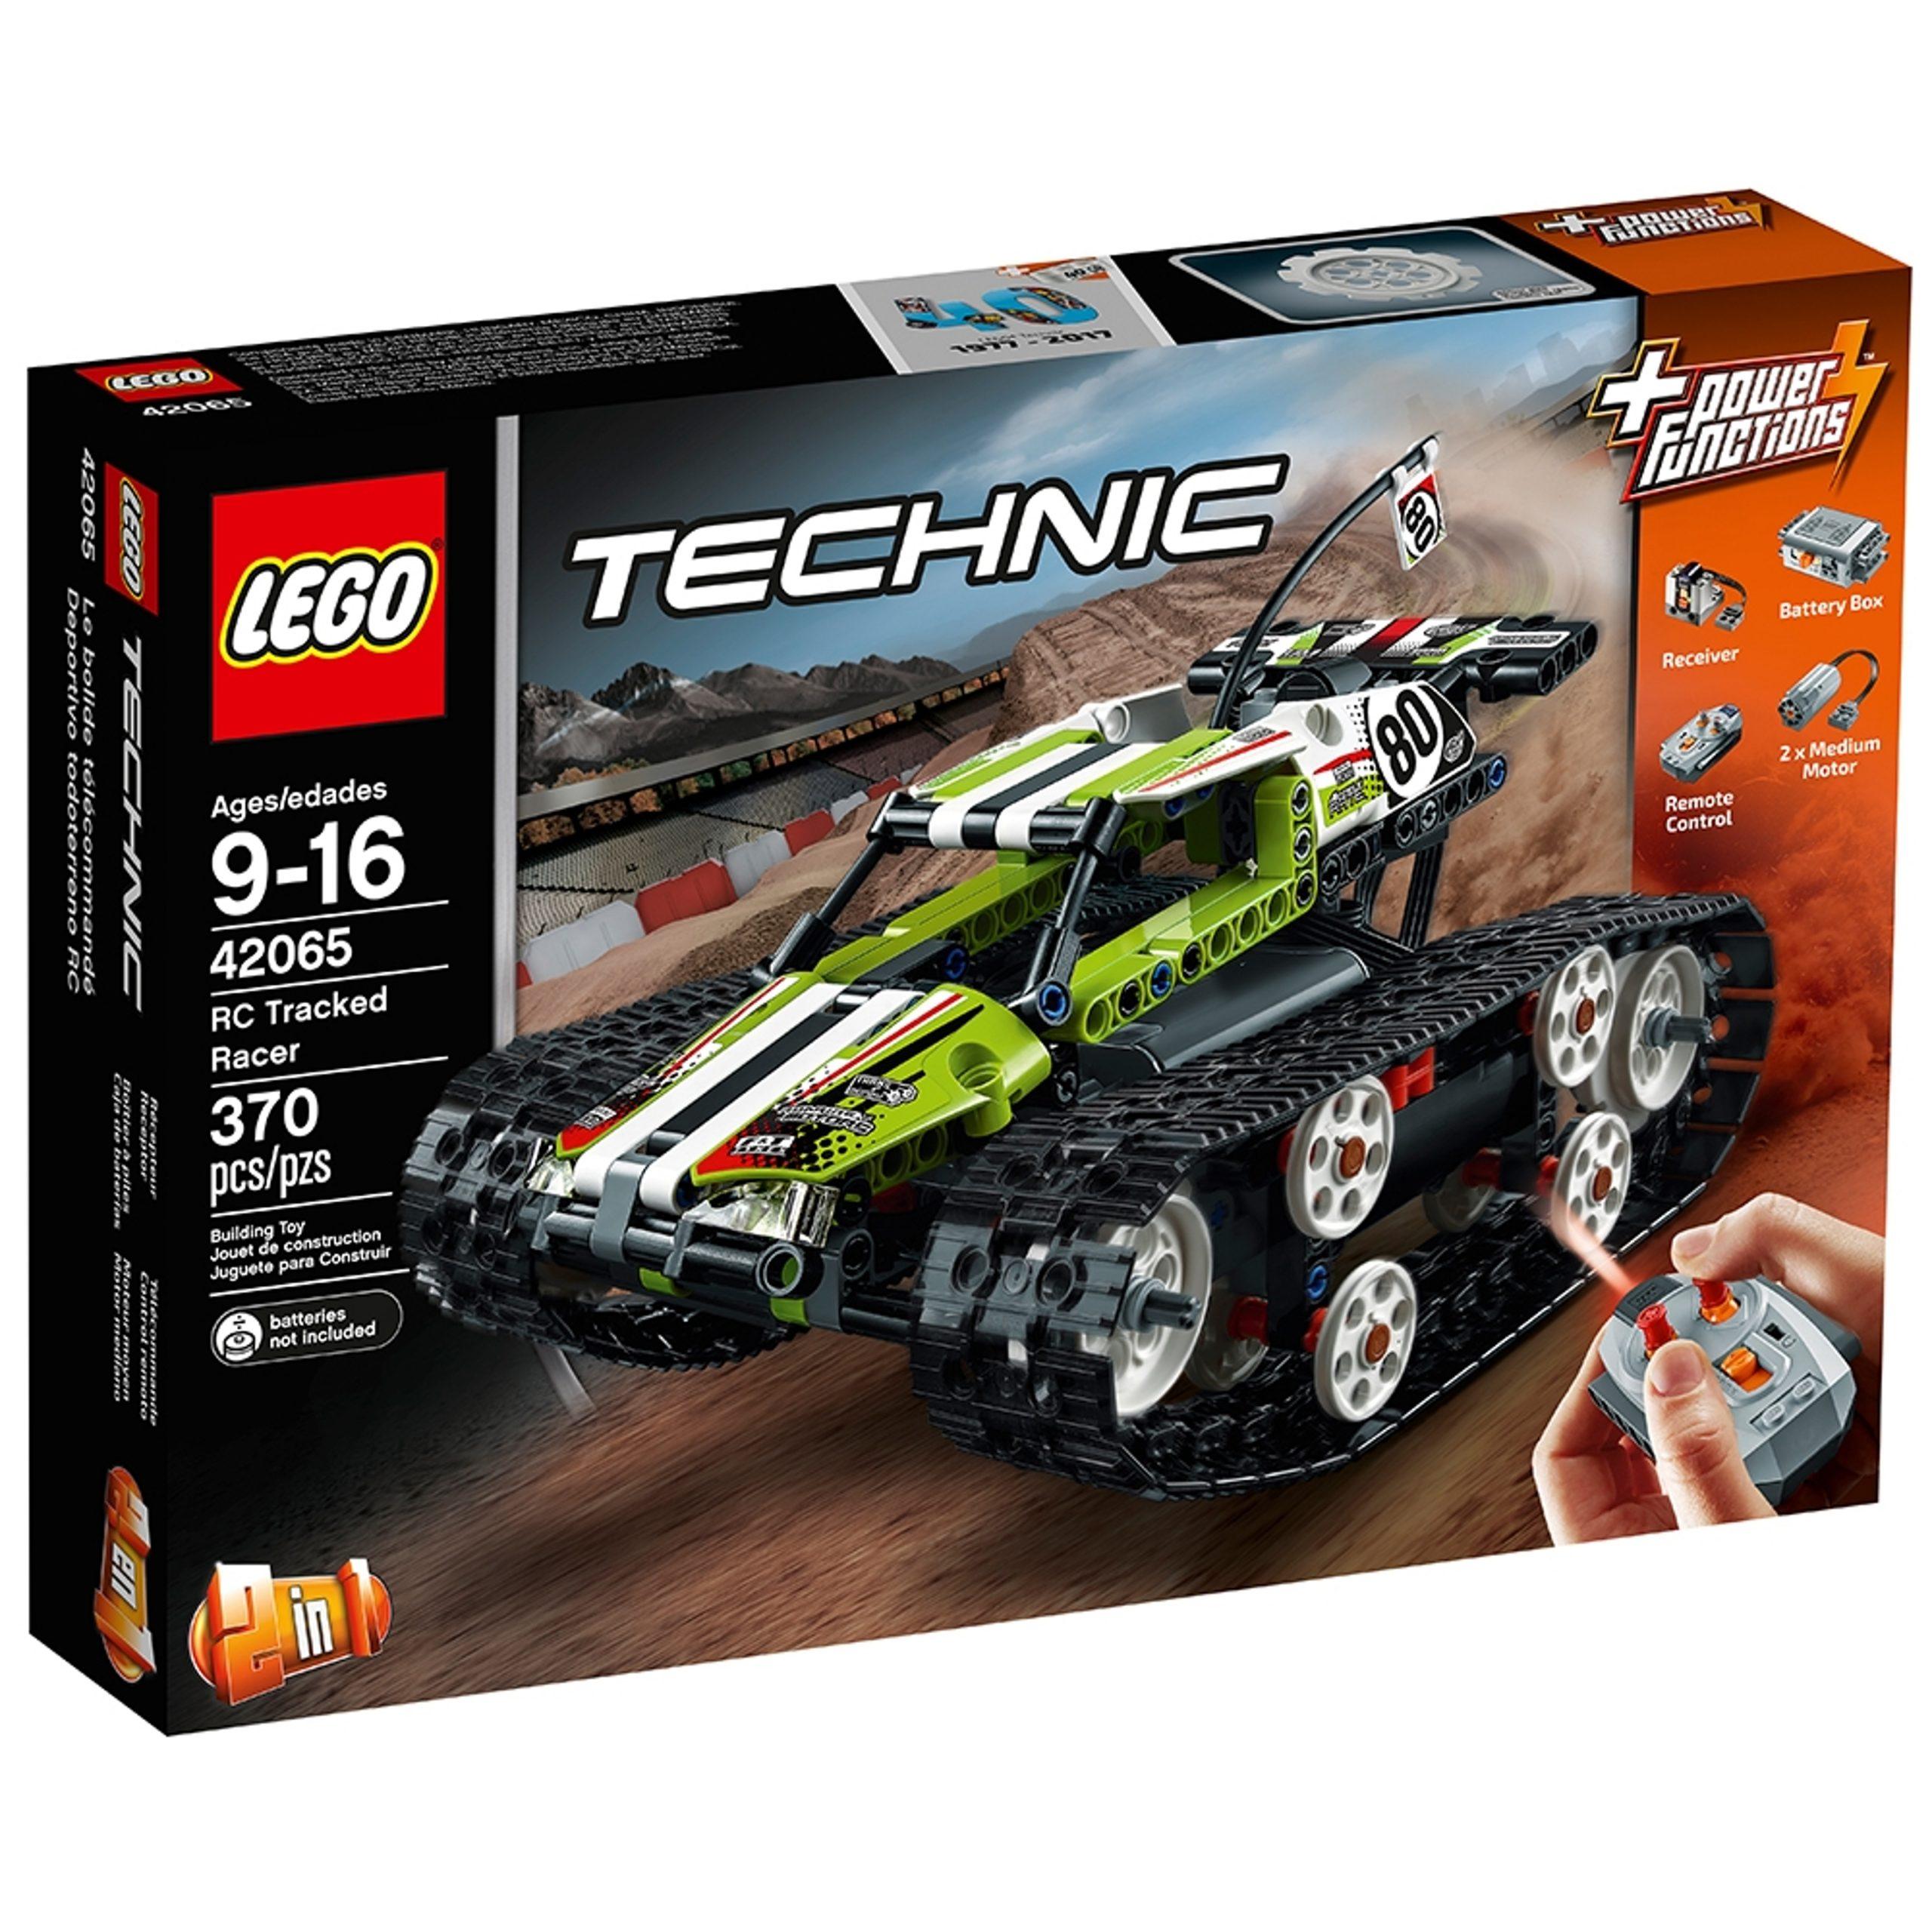 lego 42065 racer cingolato telecomandato scaled